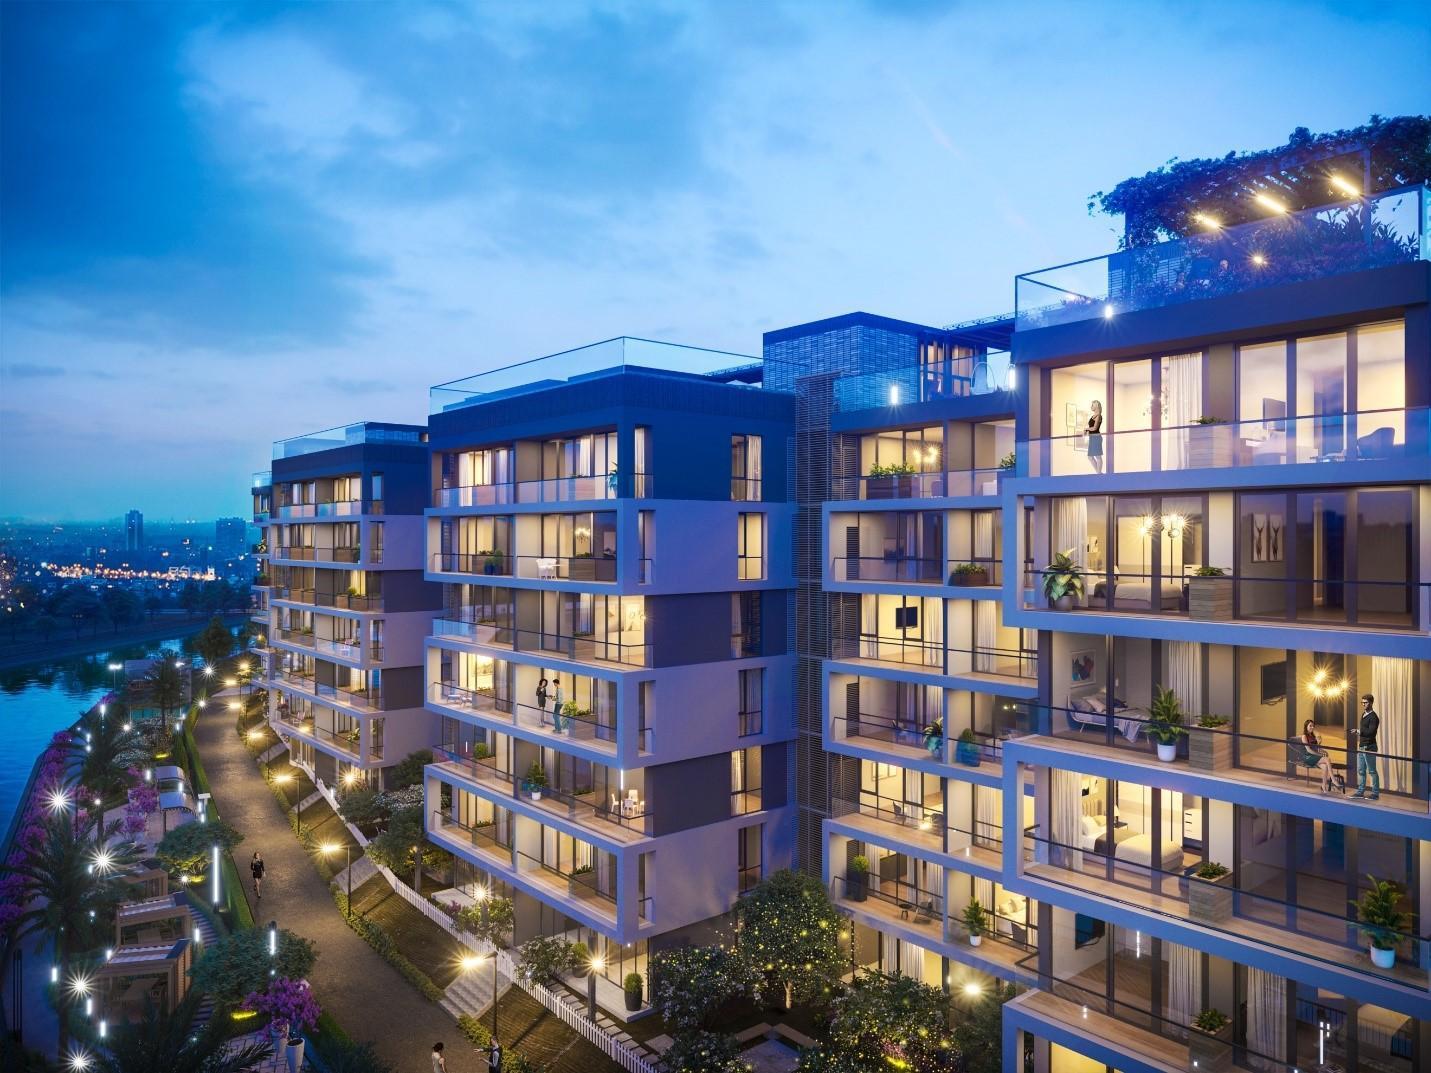 Những dự án căn hộ hạng sang đúng nghĩa ở Tp.HCM